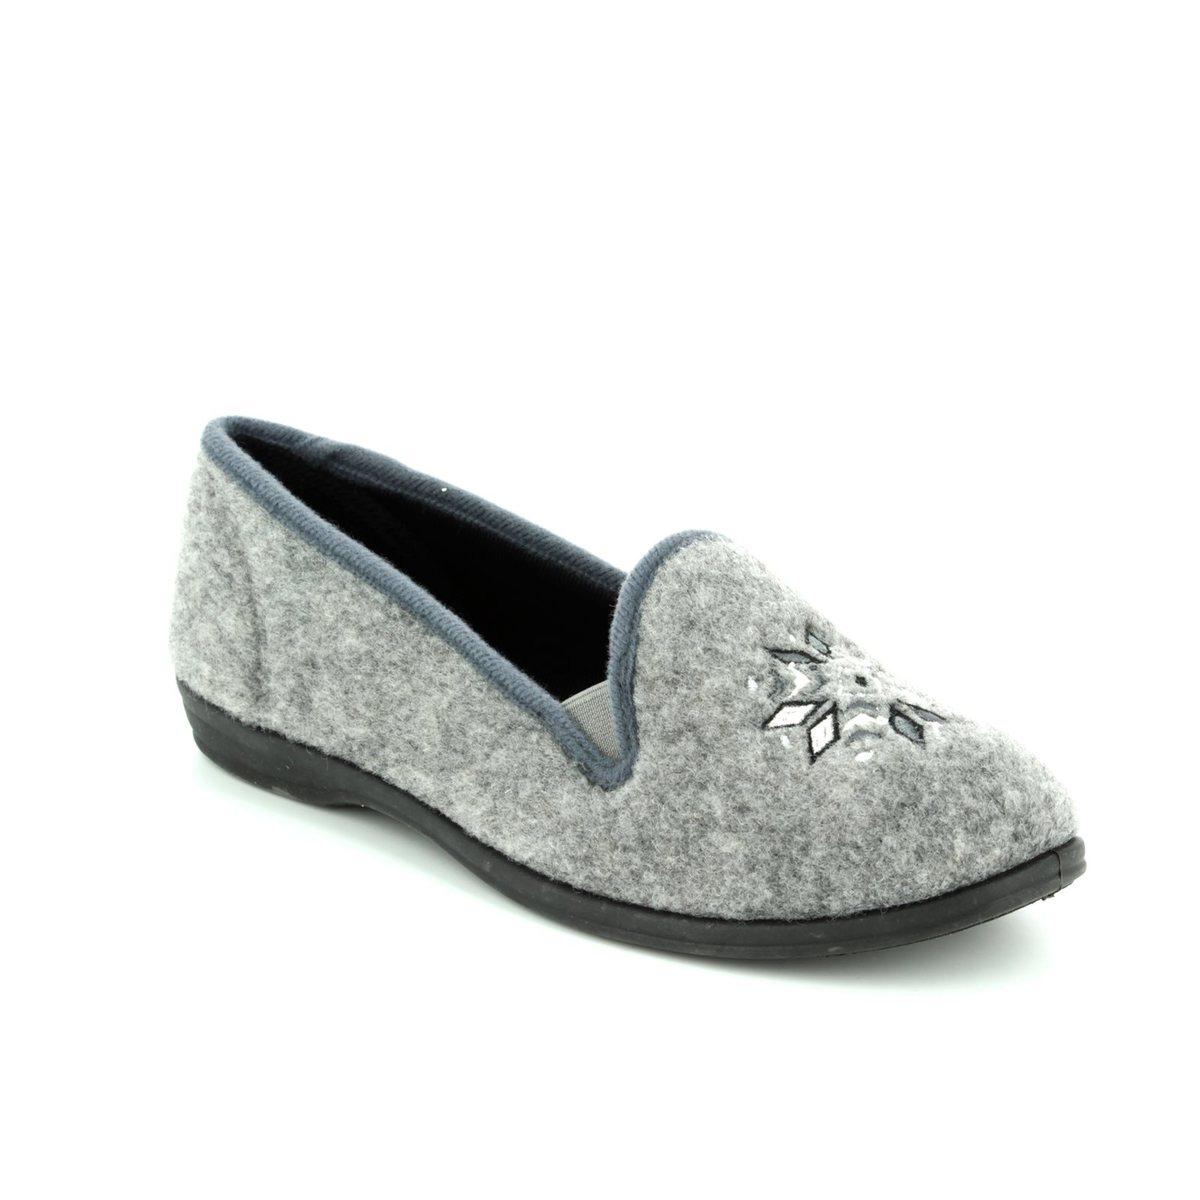 79061e07527 Clarks Slippers - Grey - 3041 74D MARSHA ROSE